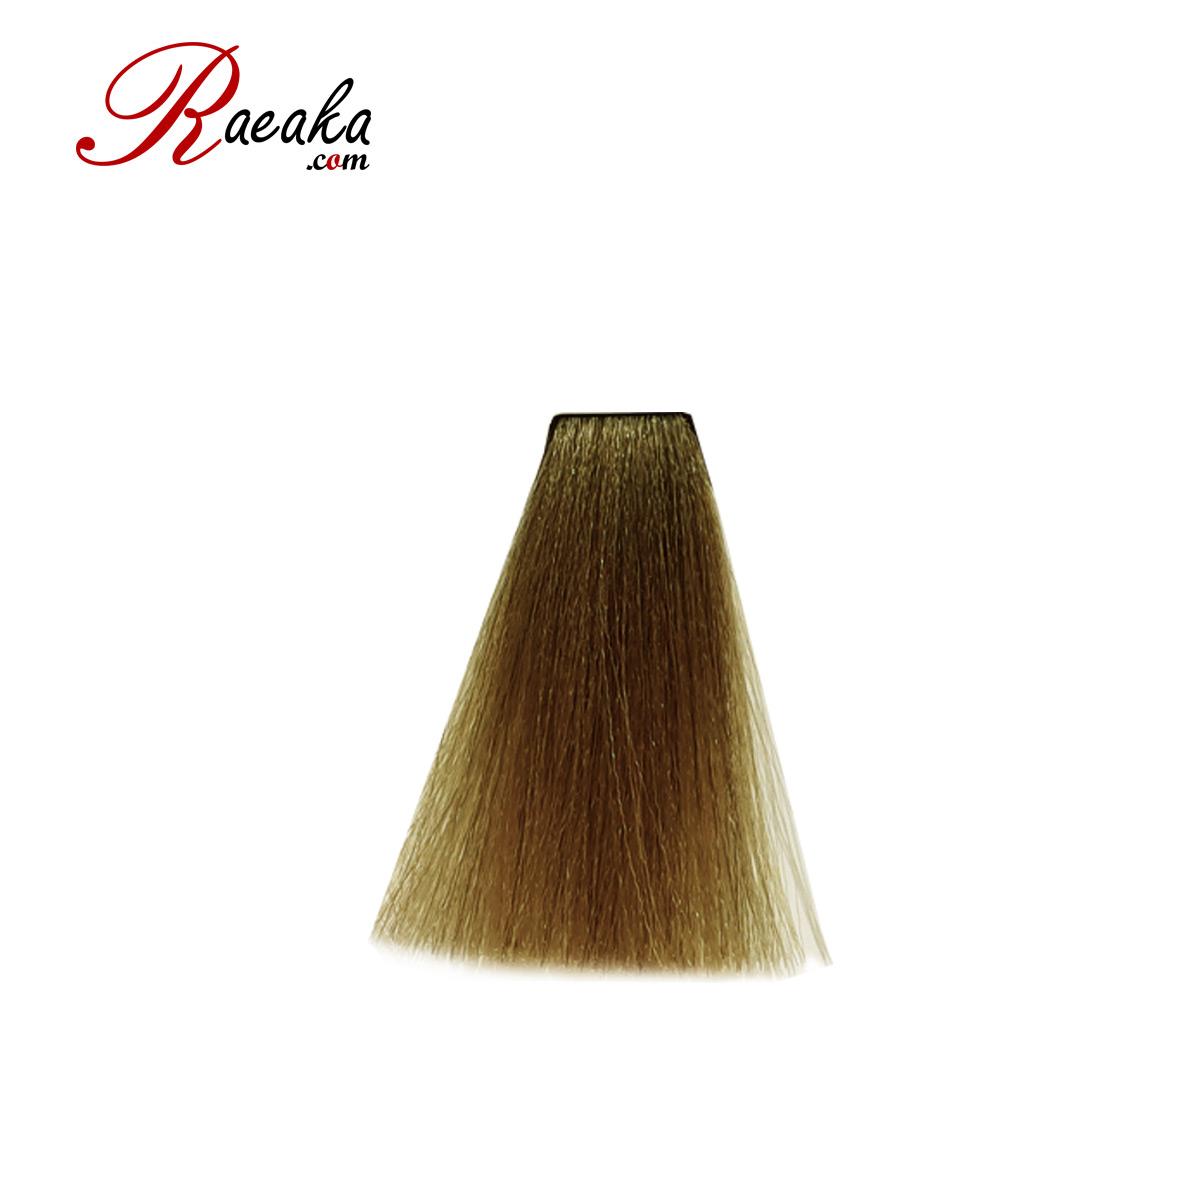 رنگ مو دوشس سری طبیعی شماره 0-8 حجم 125 میلی لیتر